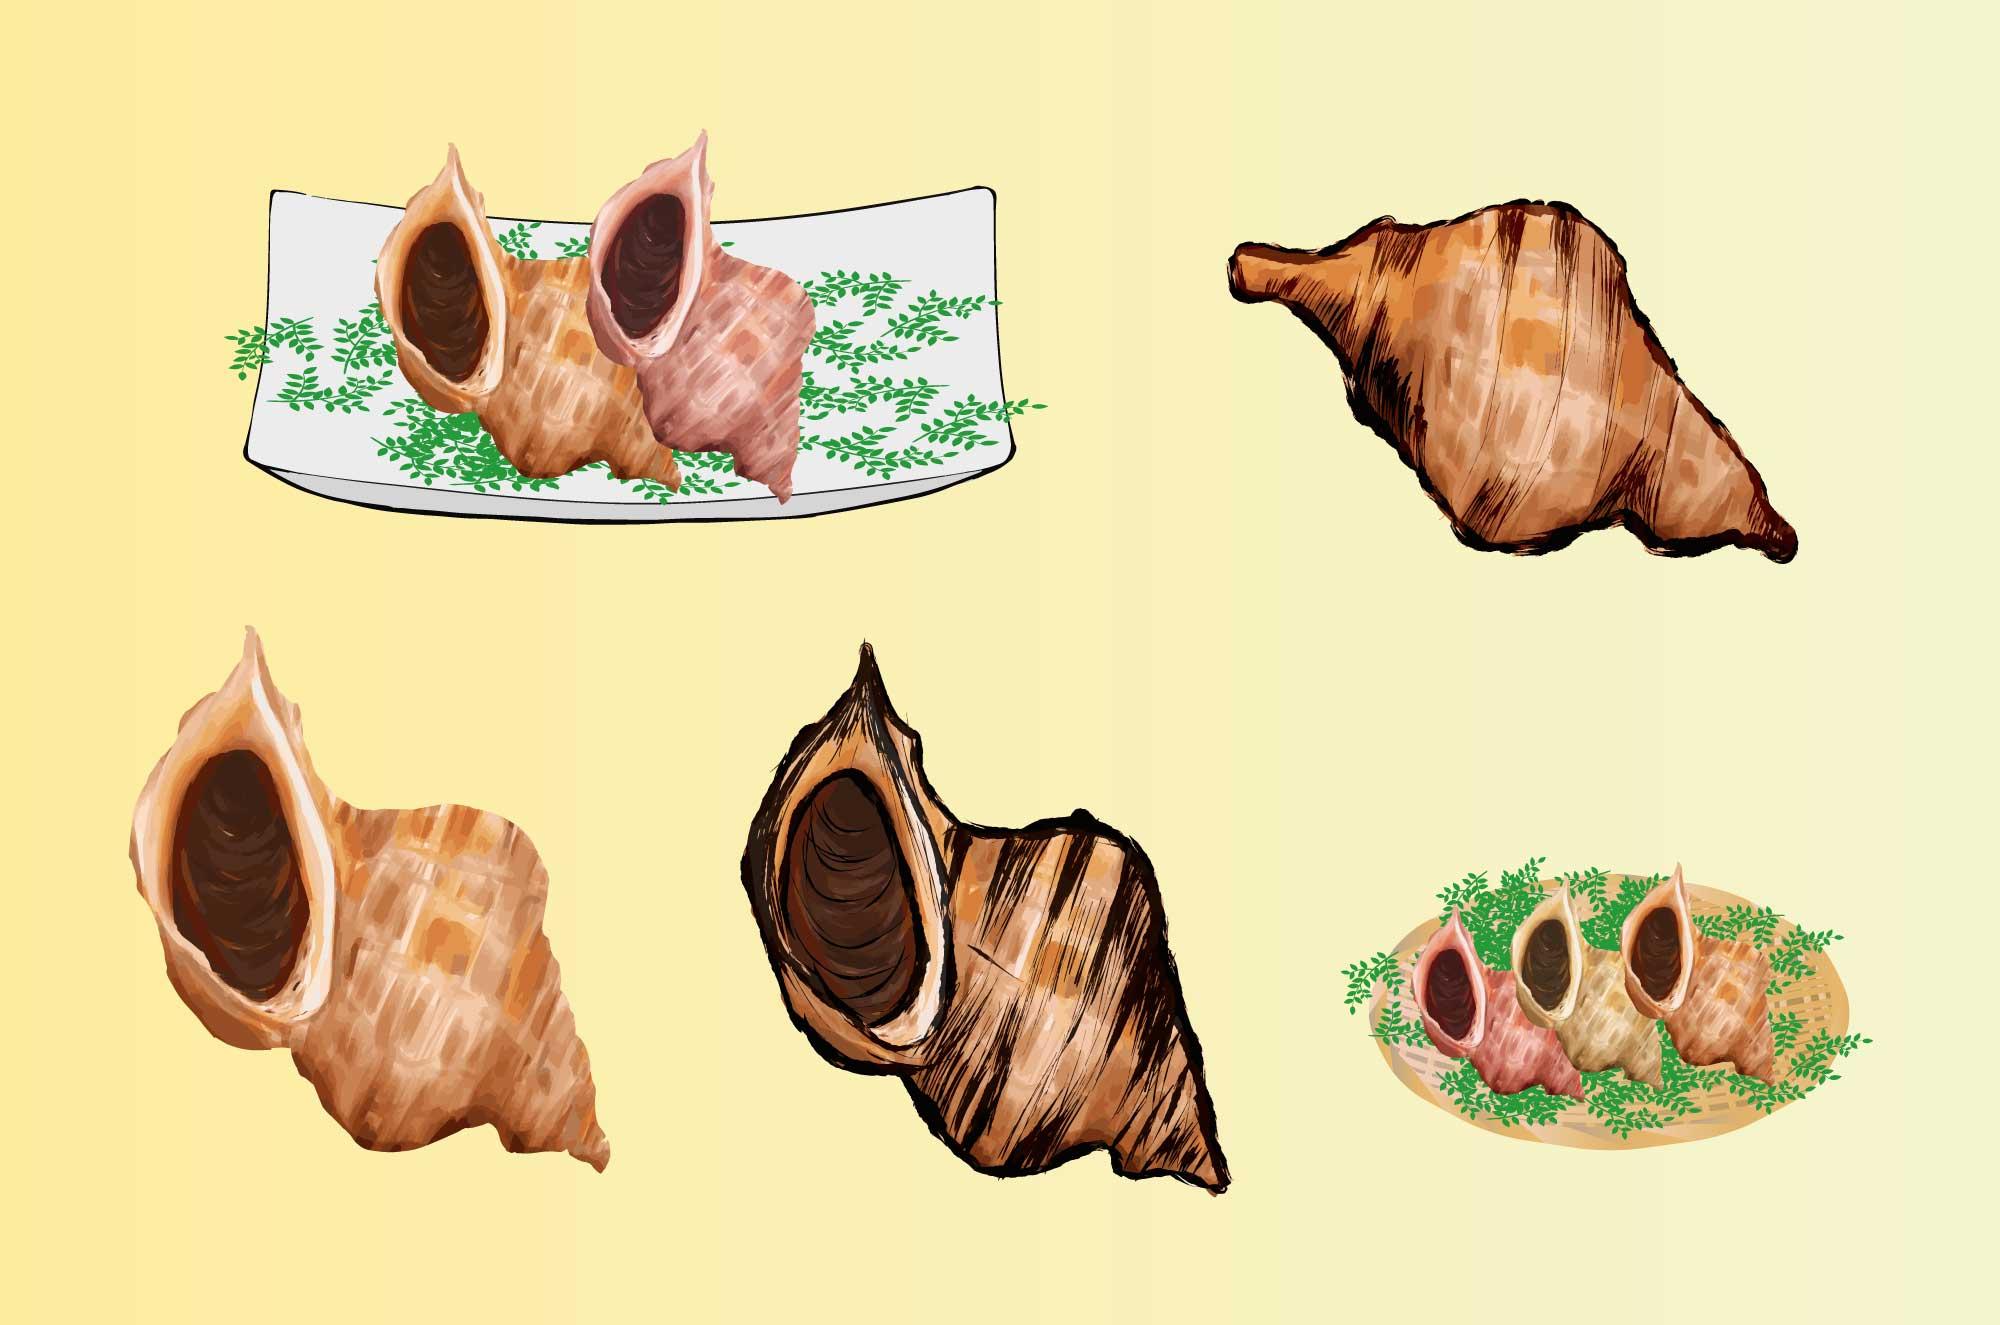 つぶ貝イラスト - 無料海産の墨絵・挿絵フリー素材